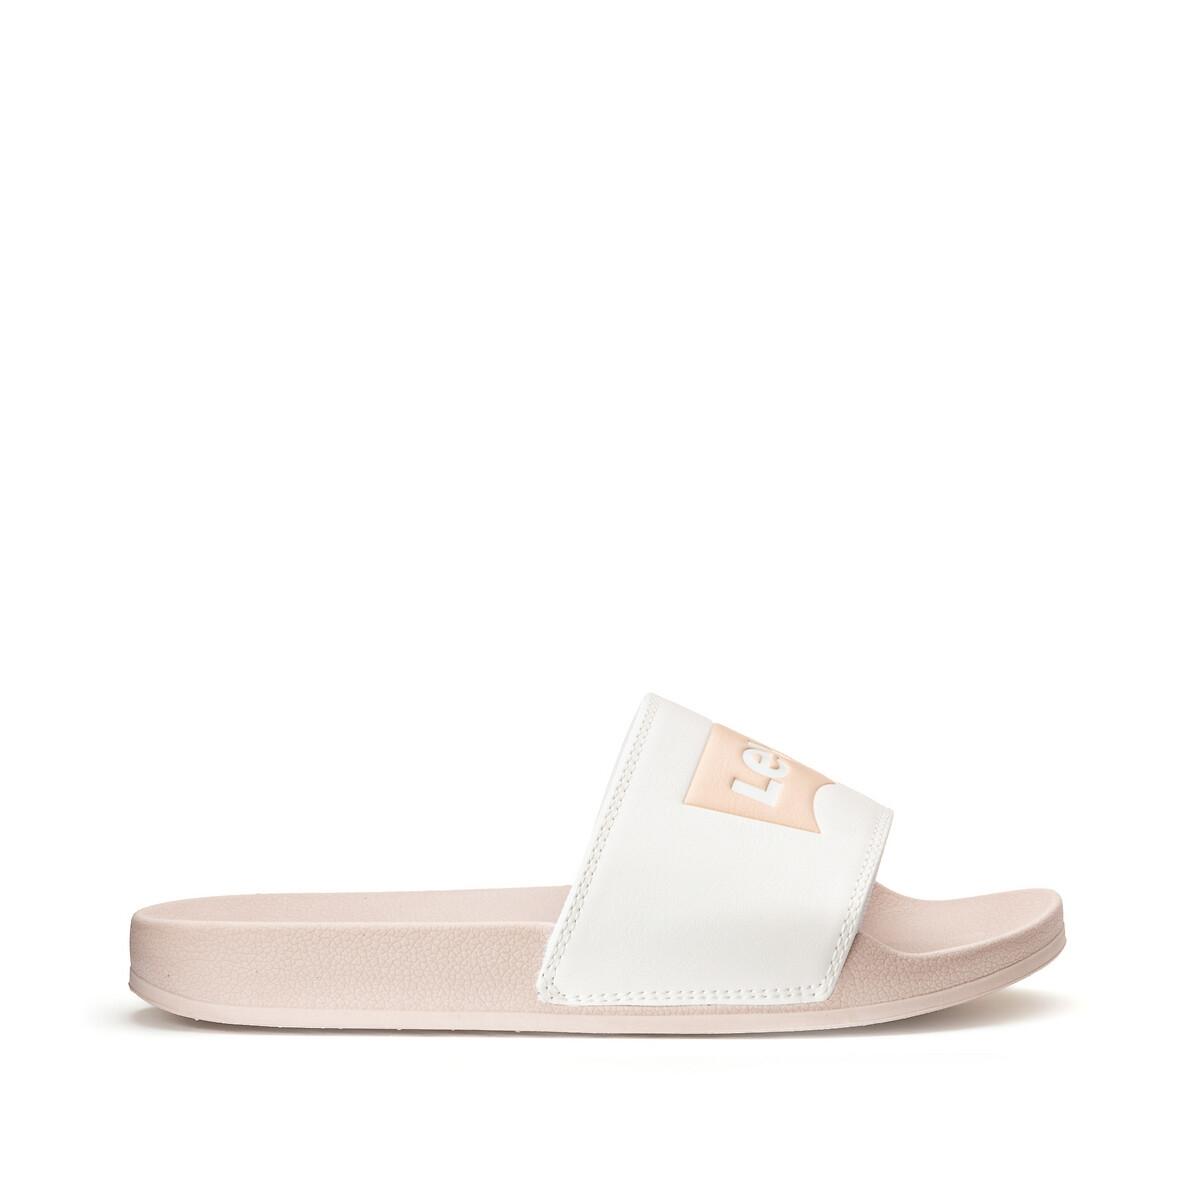 Levi's June Batwing S Light Pink 229170-794-81 online kopen